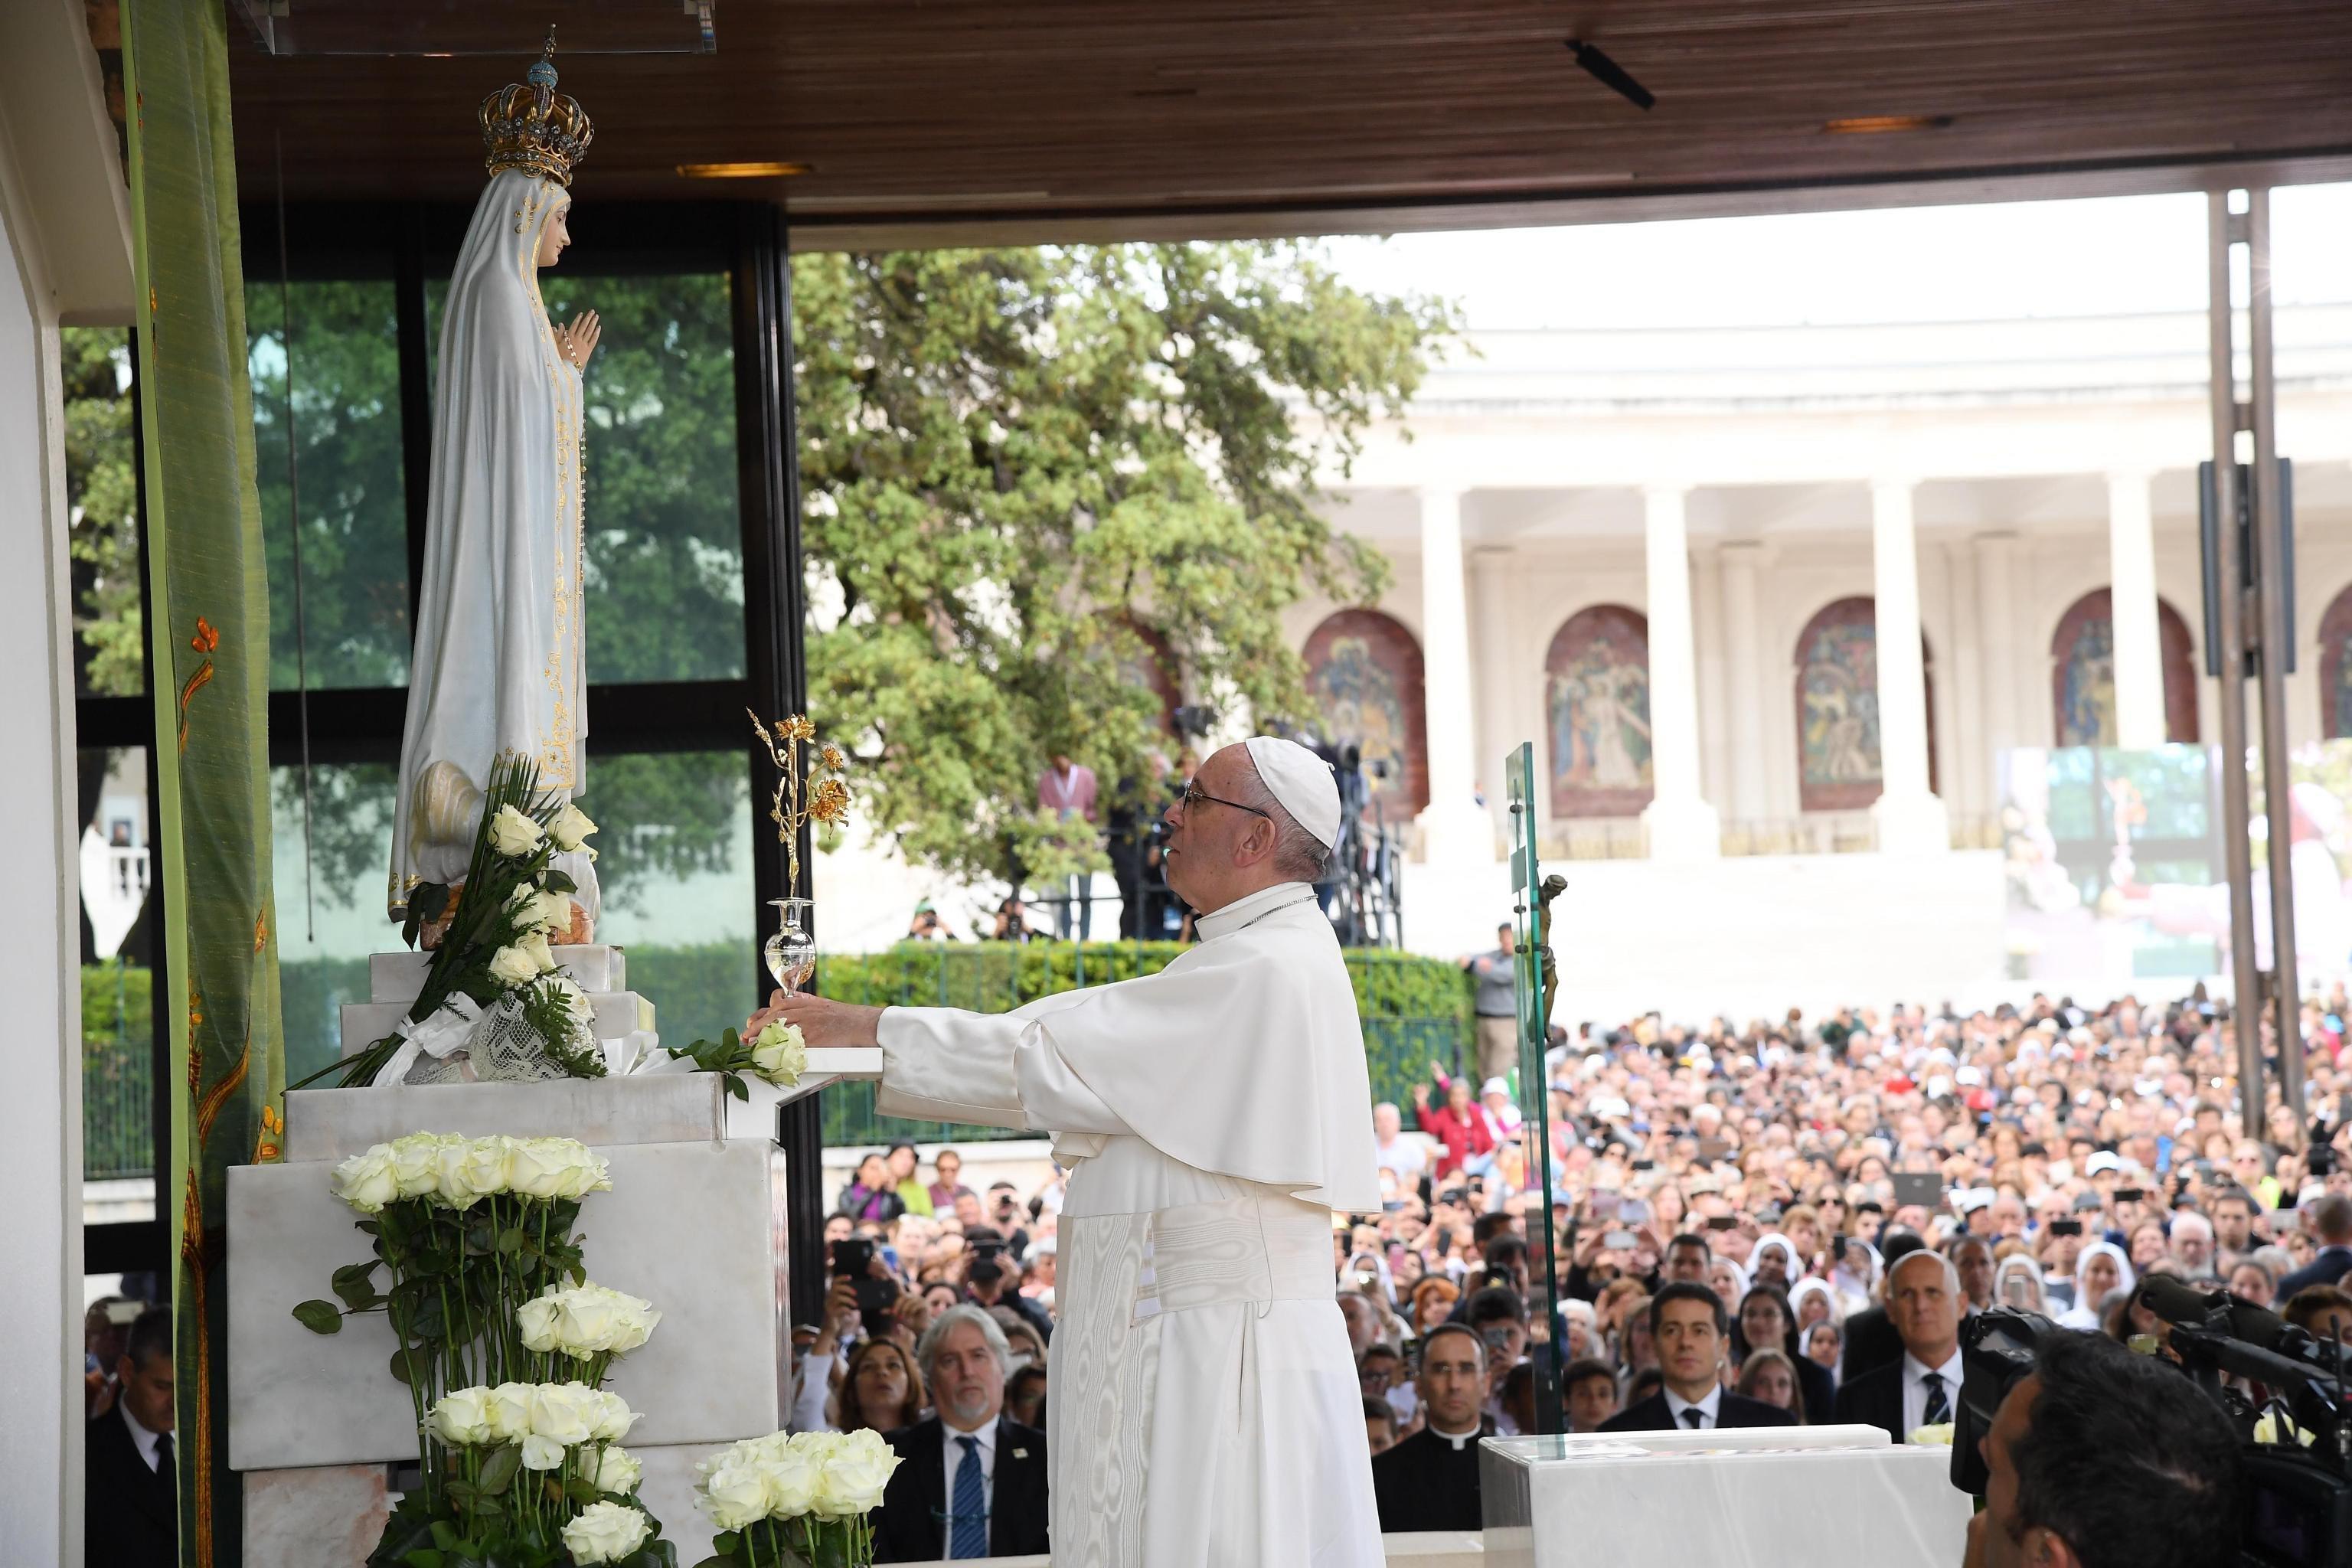 Multitud de peregrinos aclamaron al Papa a su llegada a Fátima